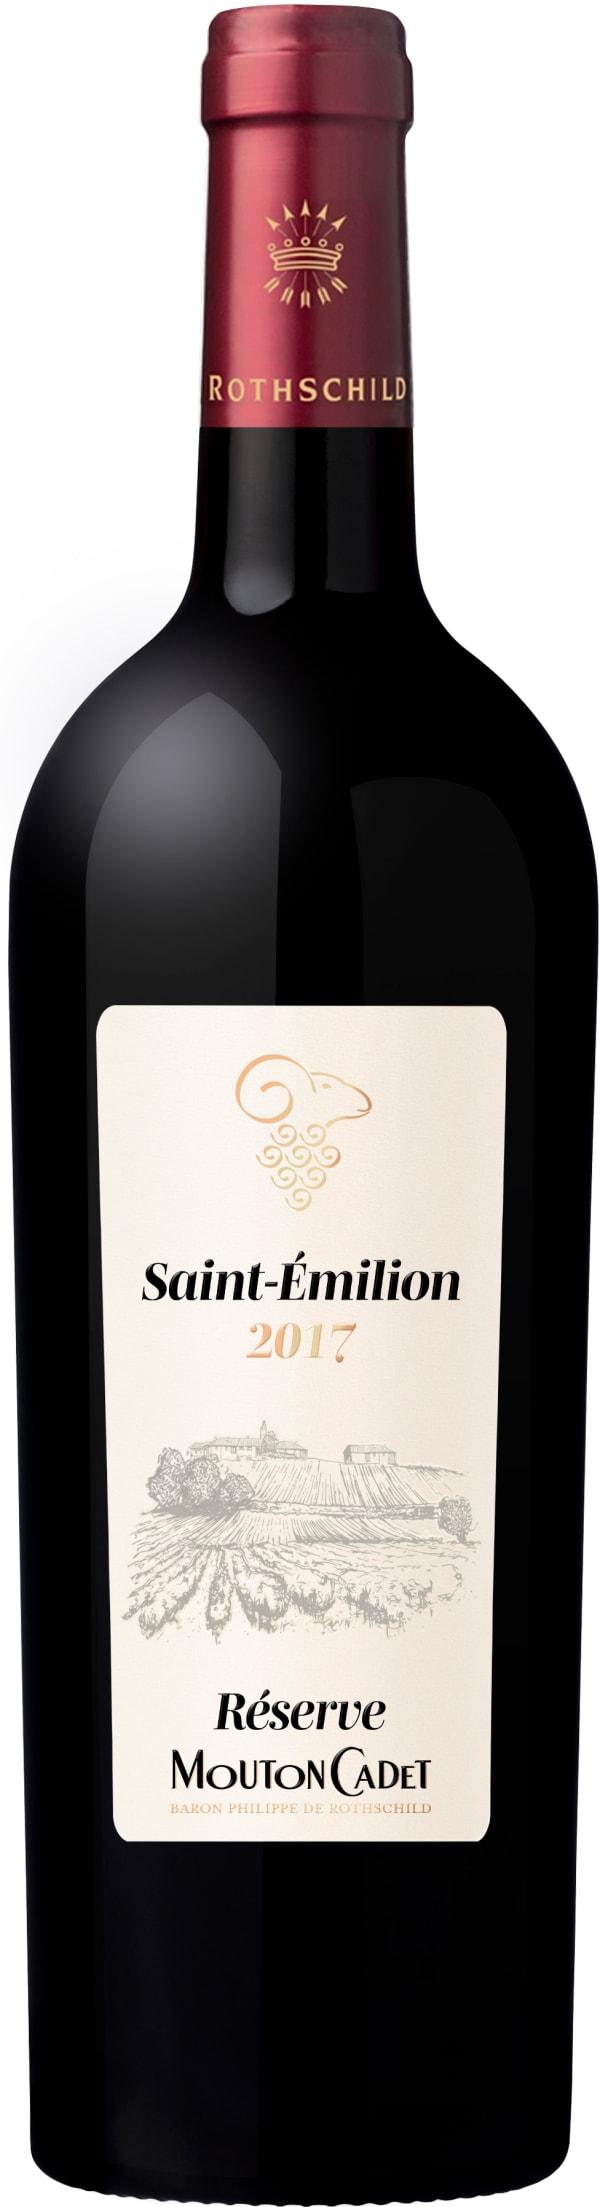 Mouton Cadet Réserve Saint-Émilion 2017